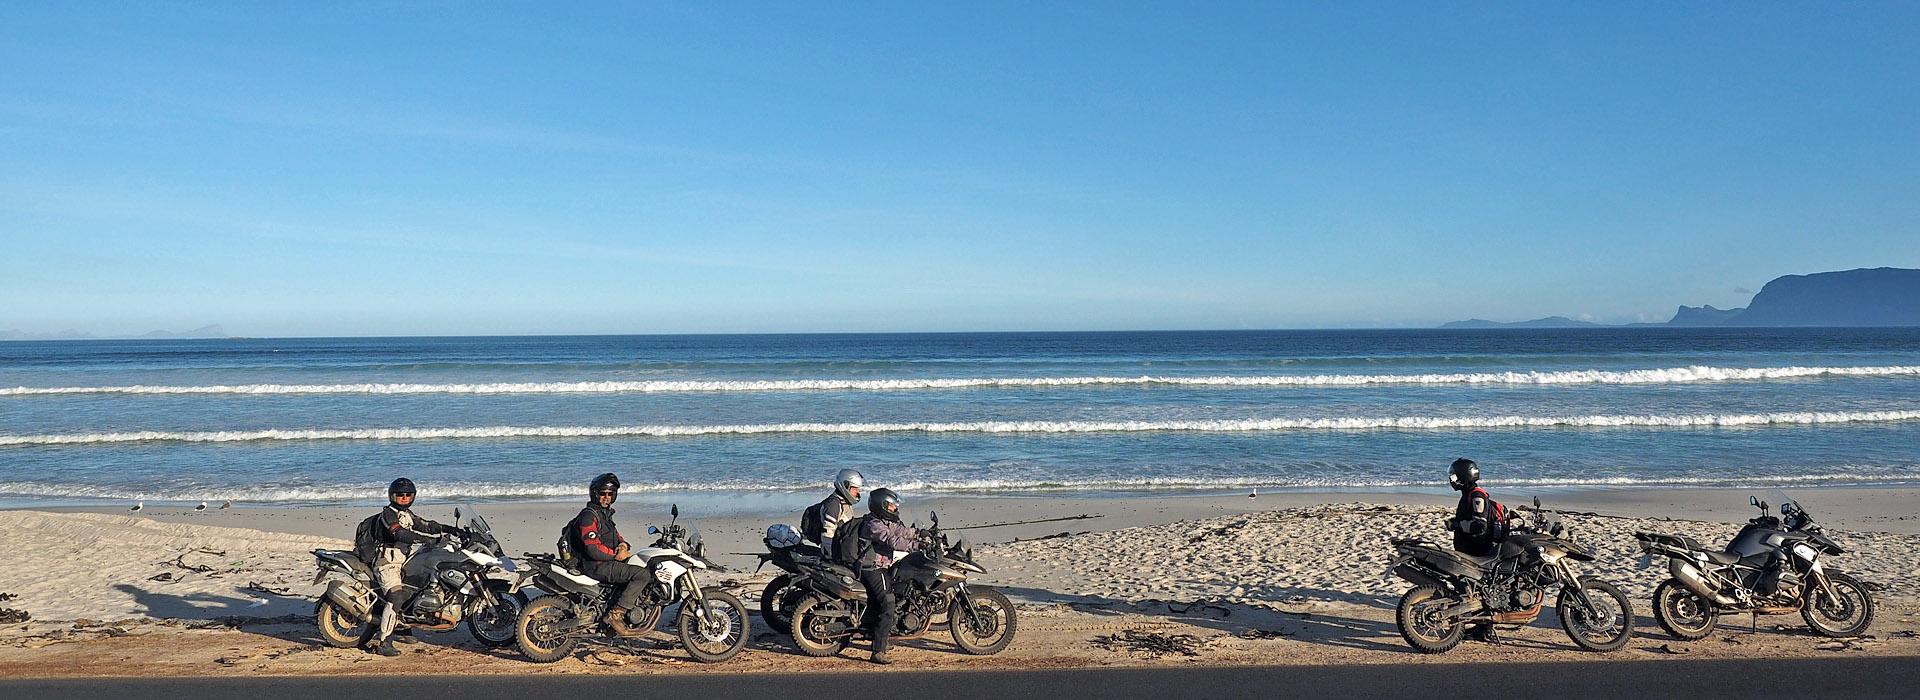 Travel 2 Explore motorreizen voor al uw avontuurlijke motorvakanties all over the world